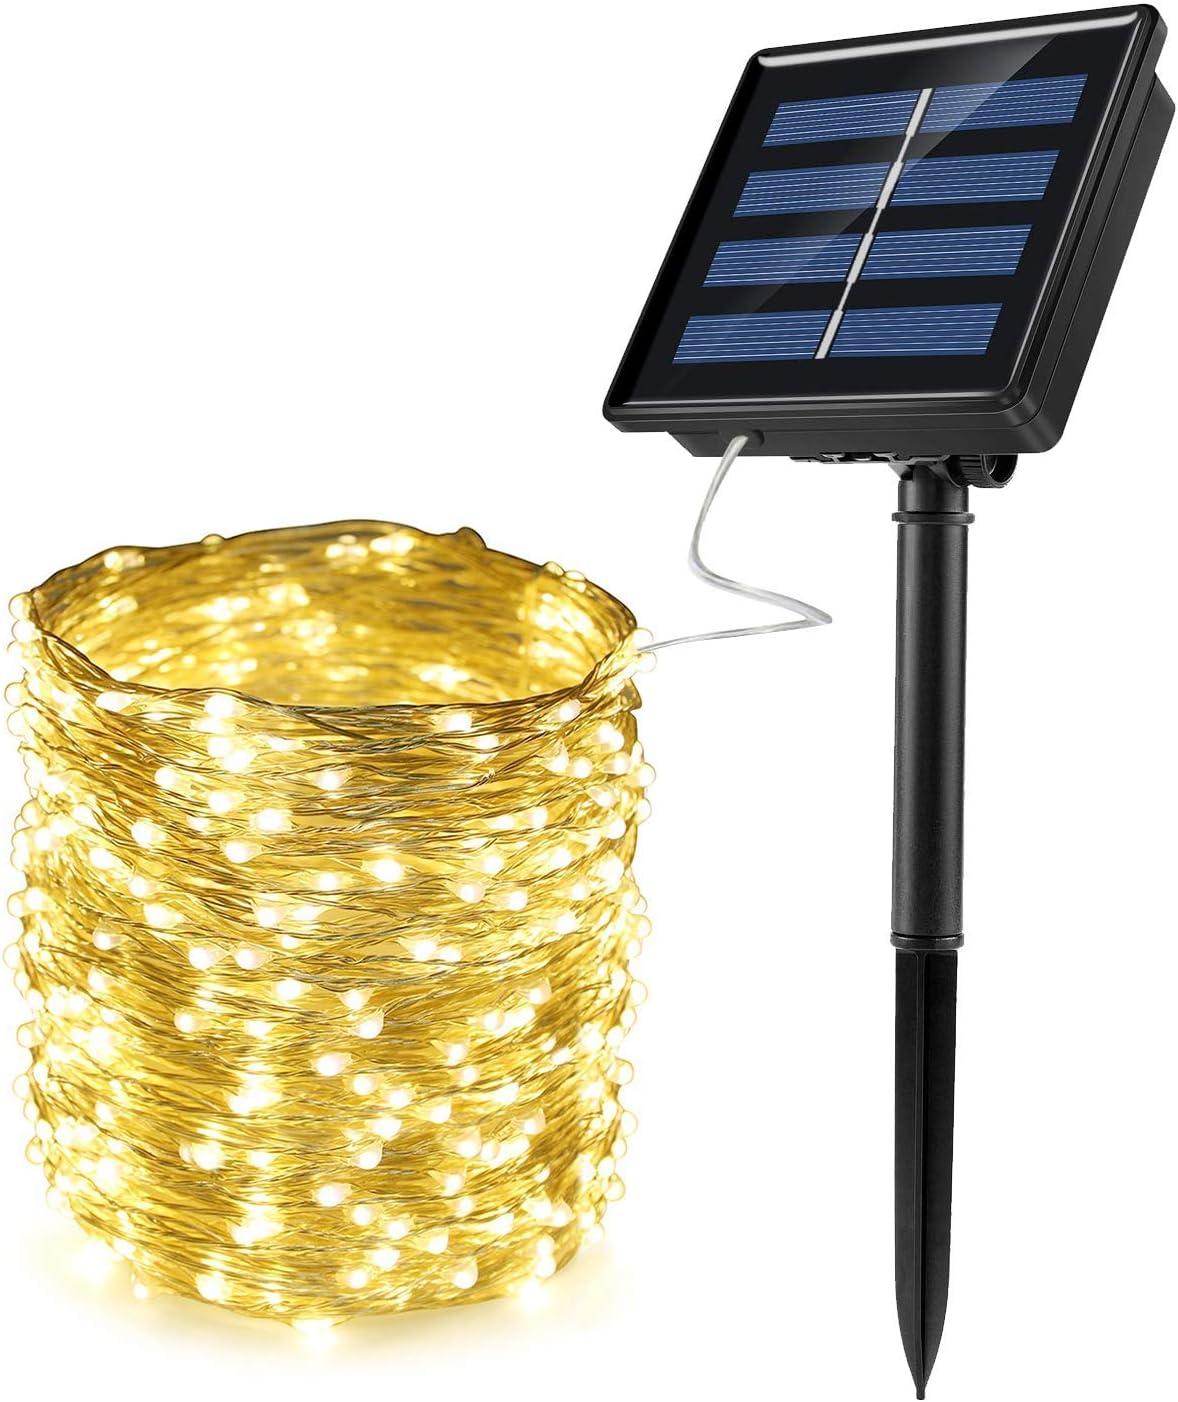 DRGRG Outdoor Cheap super special price Light Solar Max 69% OFF String Fairy Garland Lights Lig